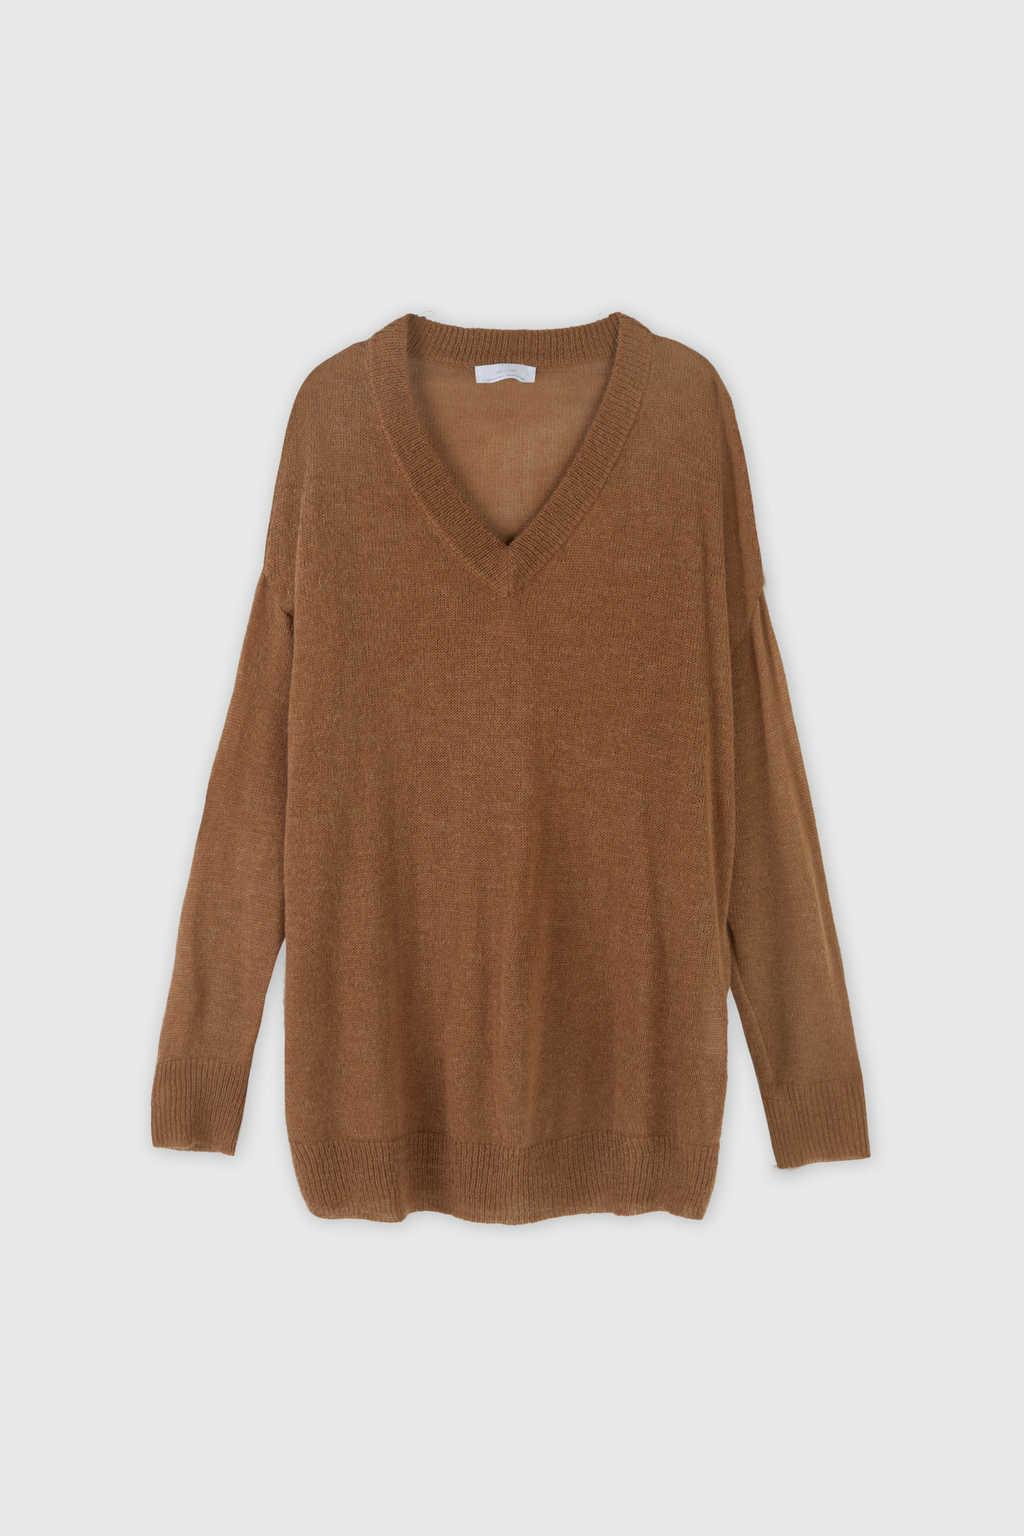 Sweater 2980 Tan 11